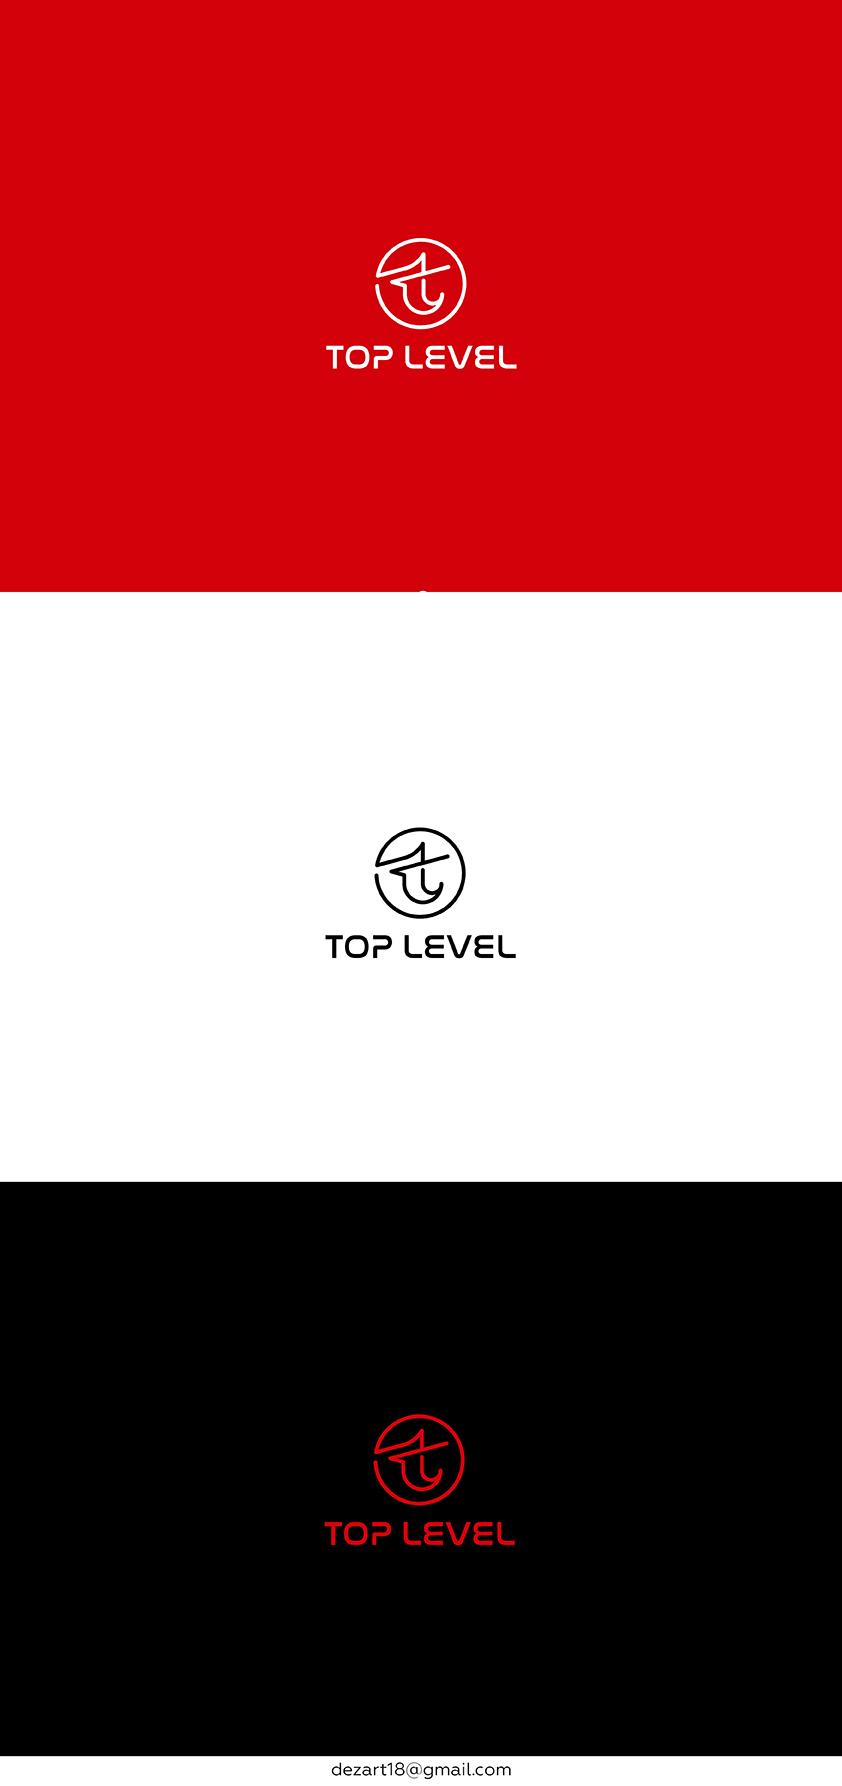 Разработка логотипа для тюнинг ателье фото f_5295f4a8e4c0d35f.jpg